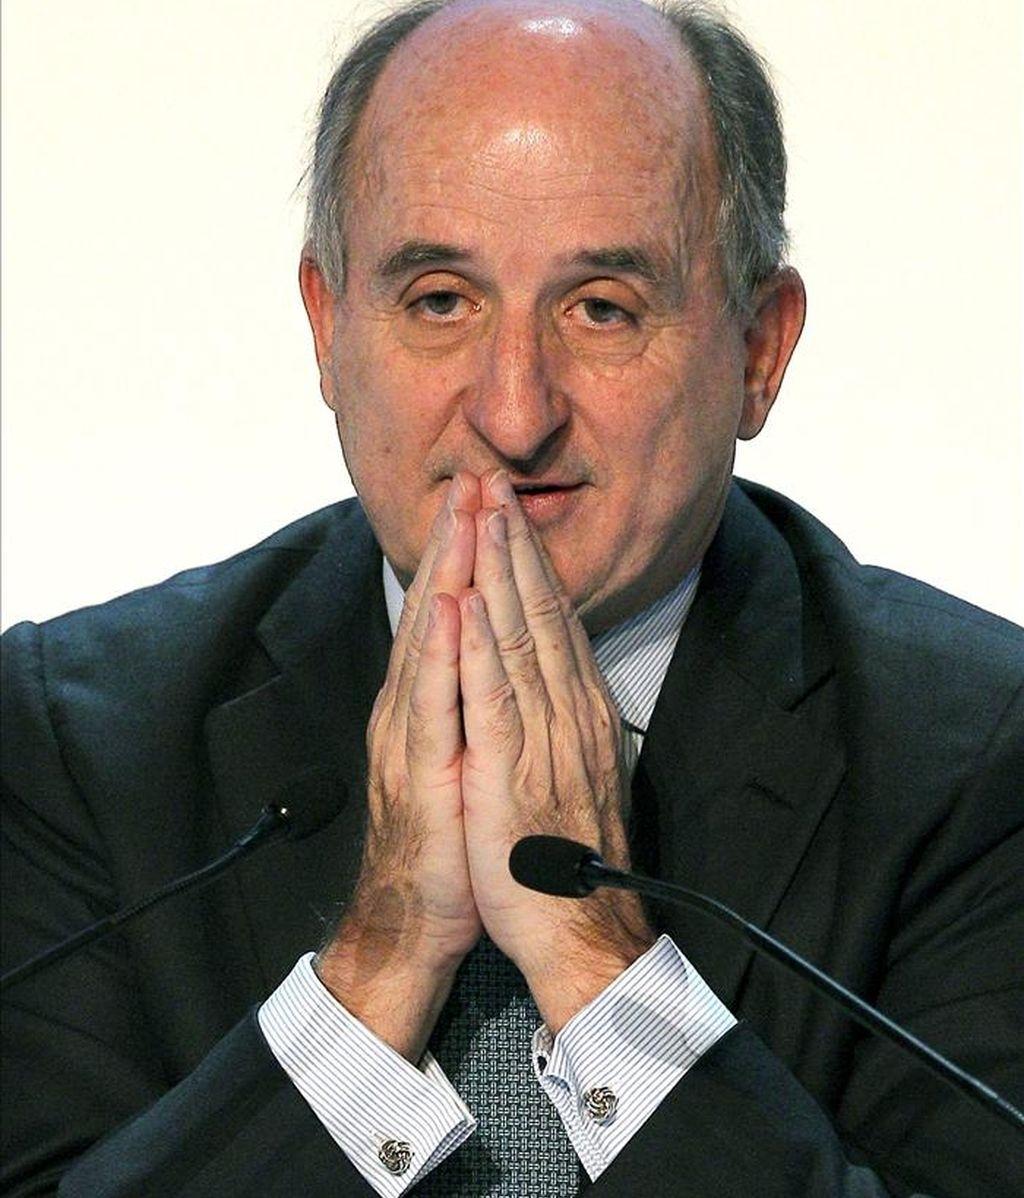 El presidente de la petrolera Repsol, Antonio Brufau. EFE/Archivo